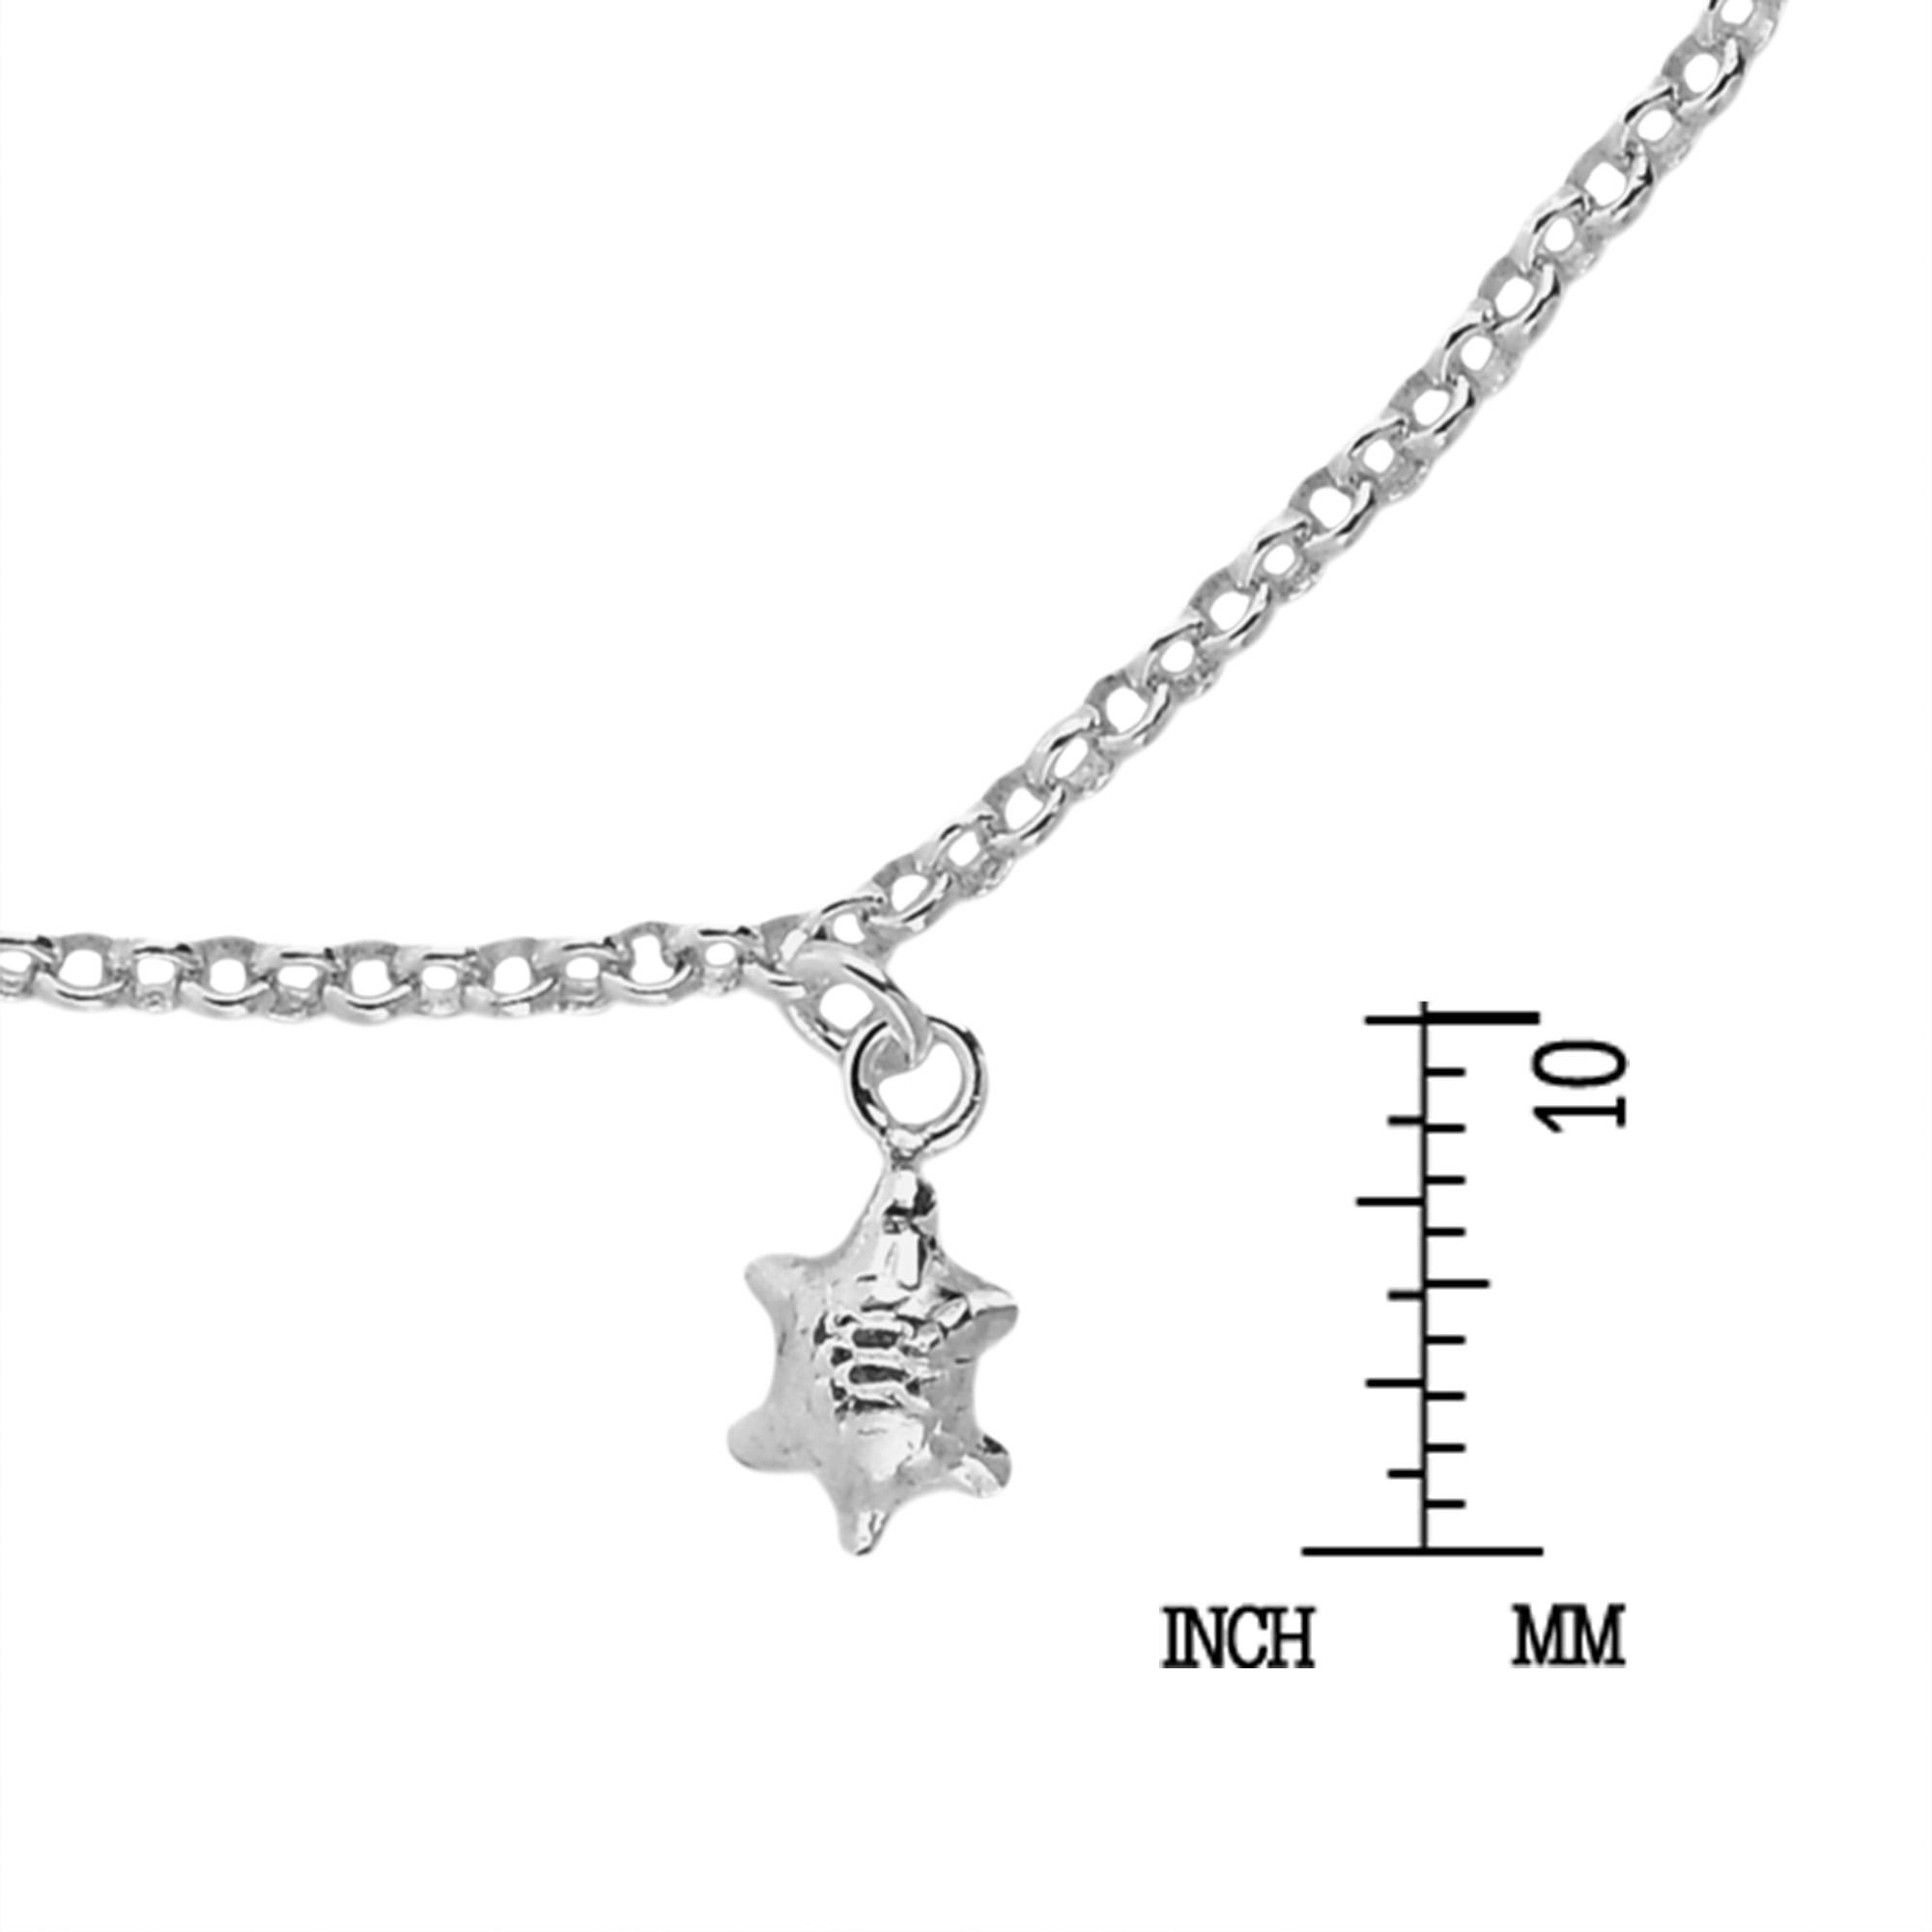 Mini Baby Sea Turtle Jingle Bell Charm Sterling Silver Bracelet